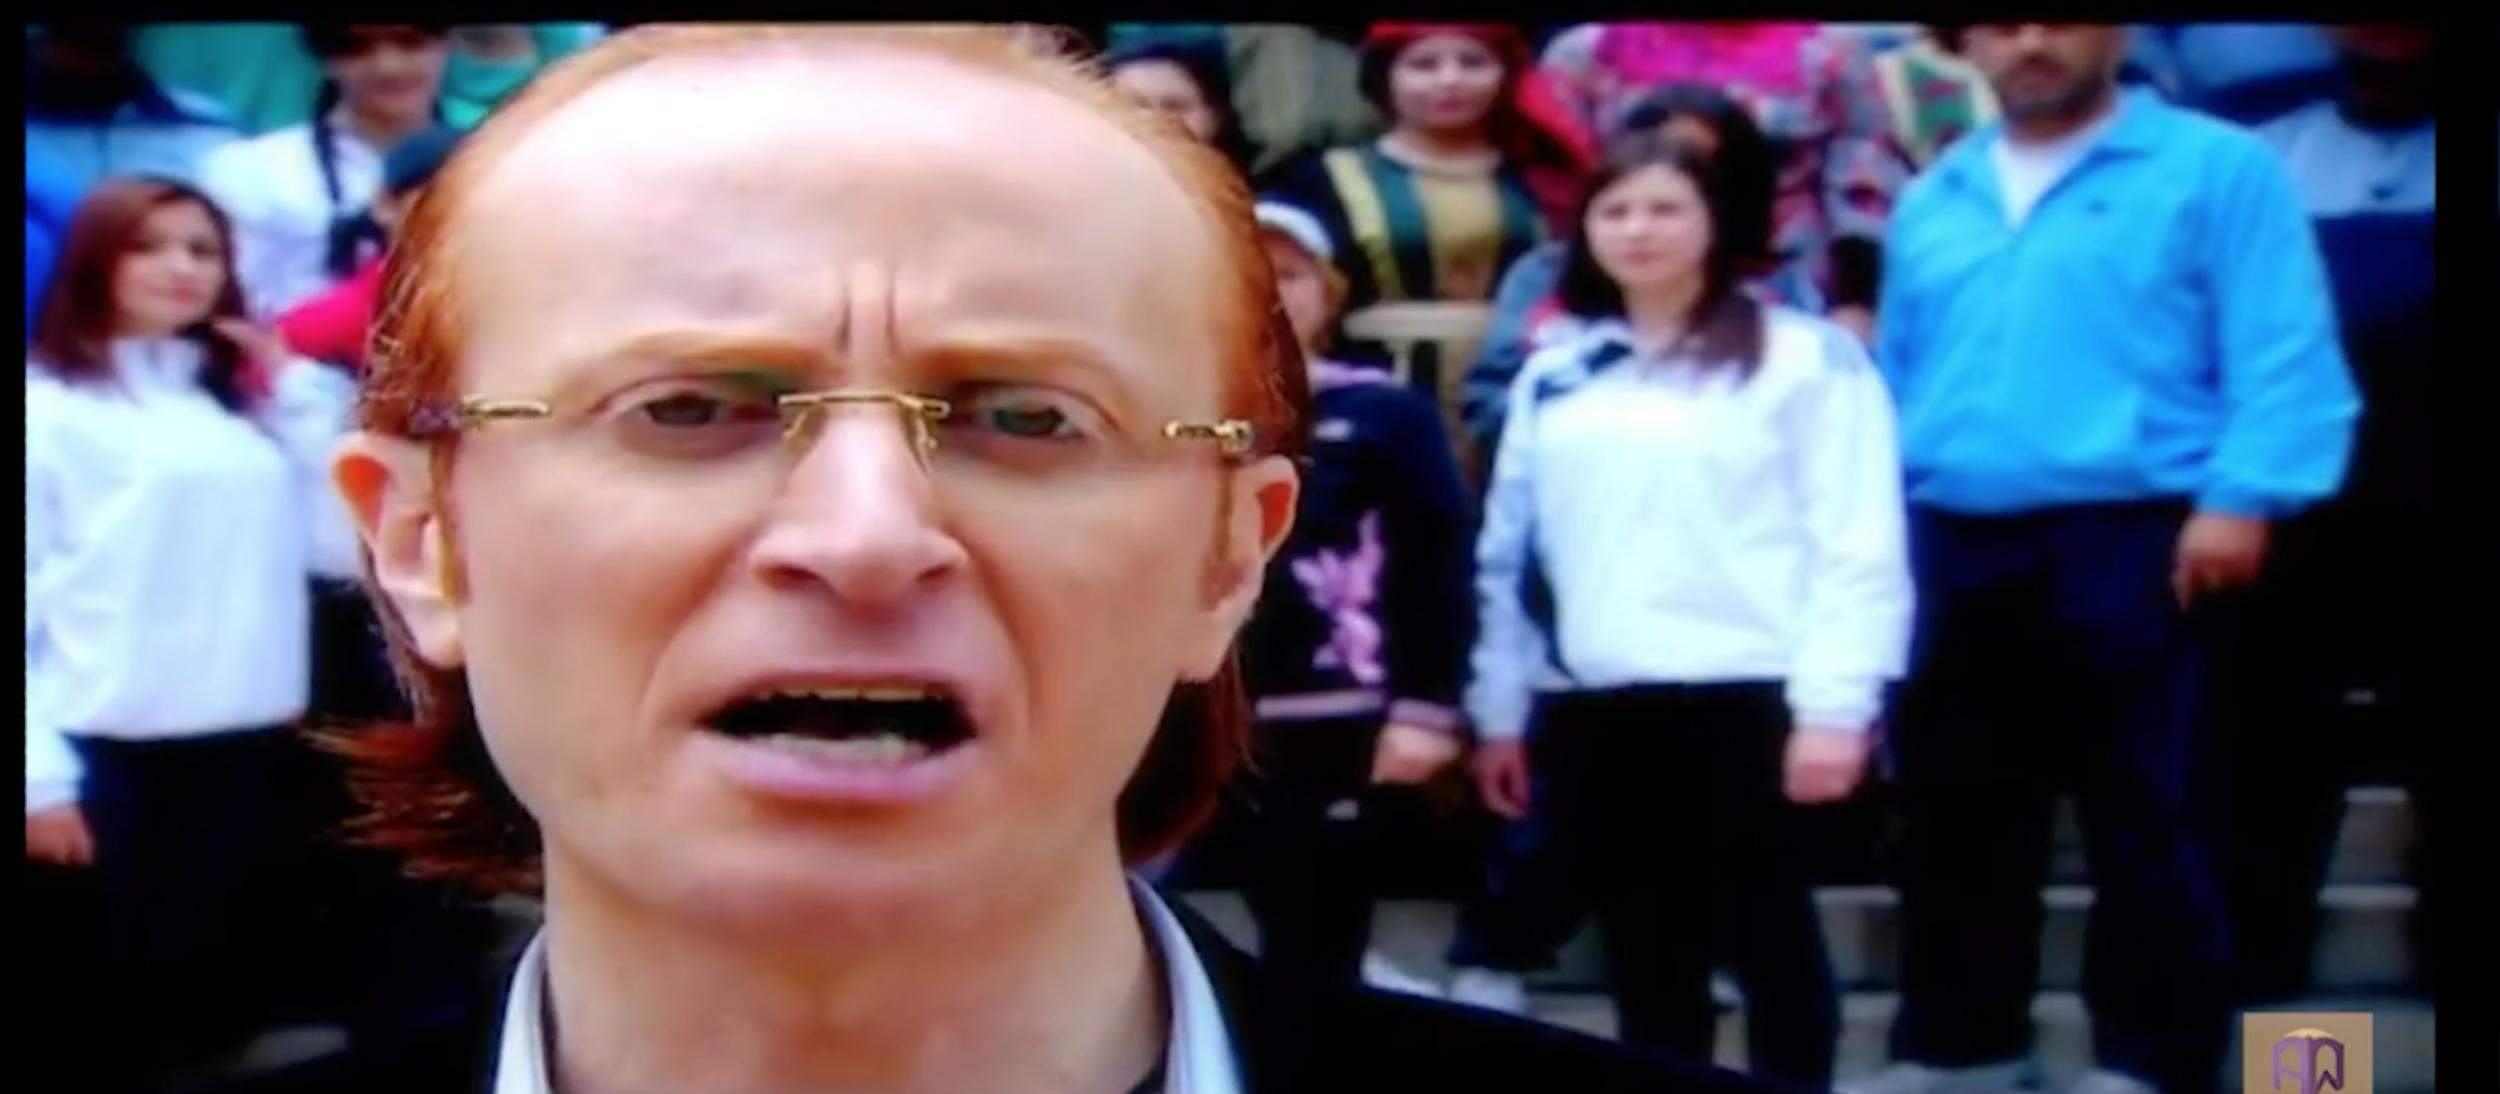 Mustafa Khani stars in original, patriotic (and pro-regime) music videos.